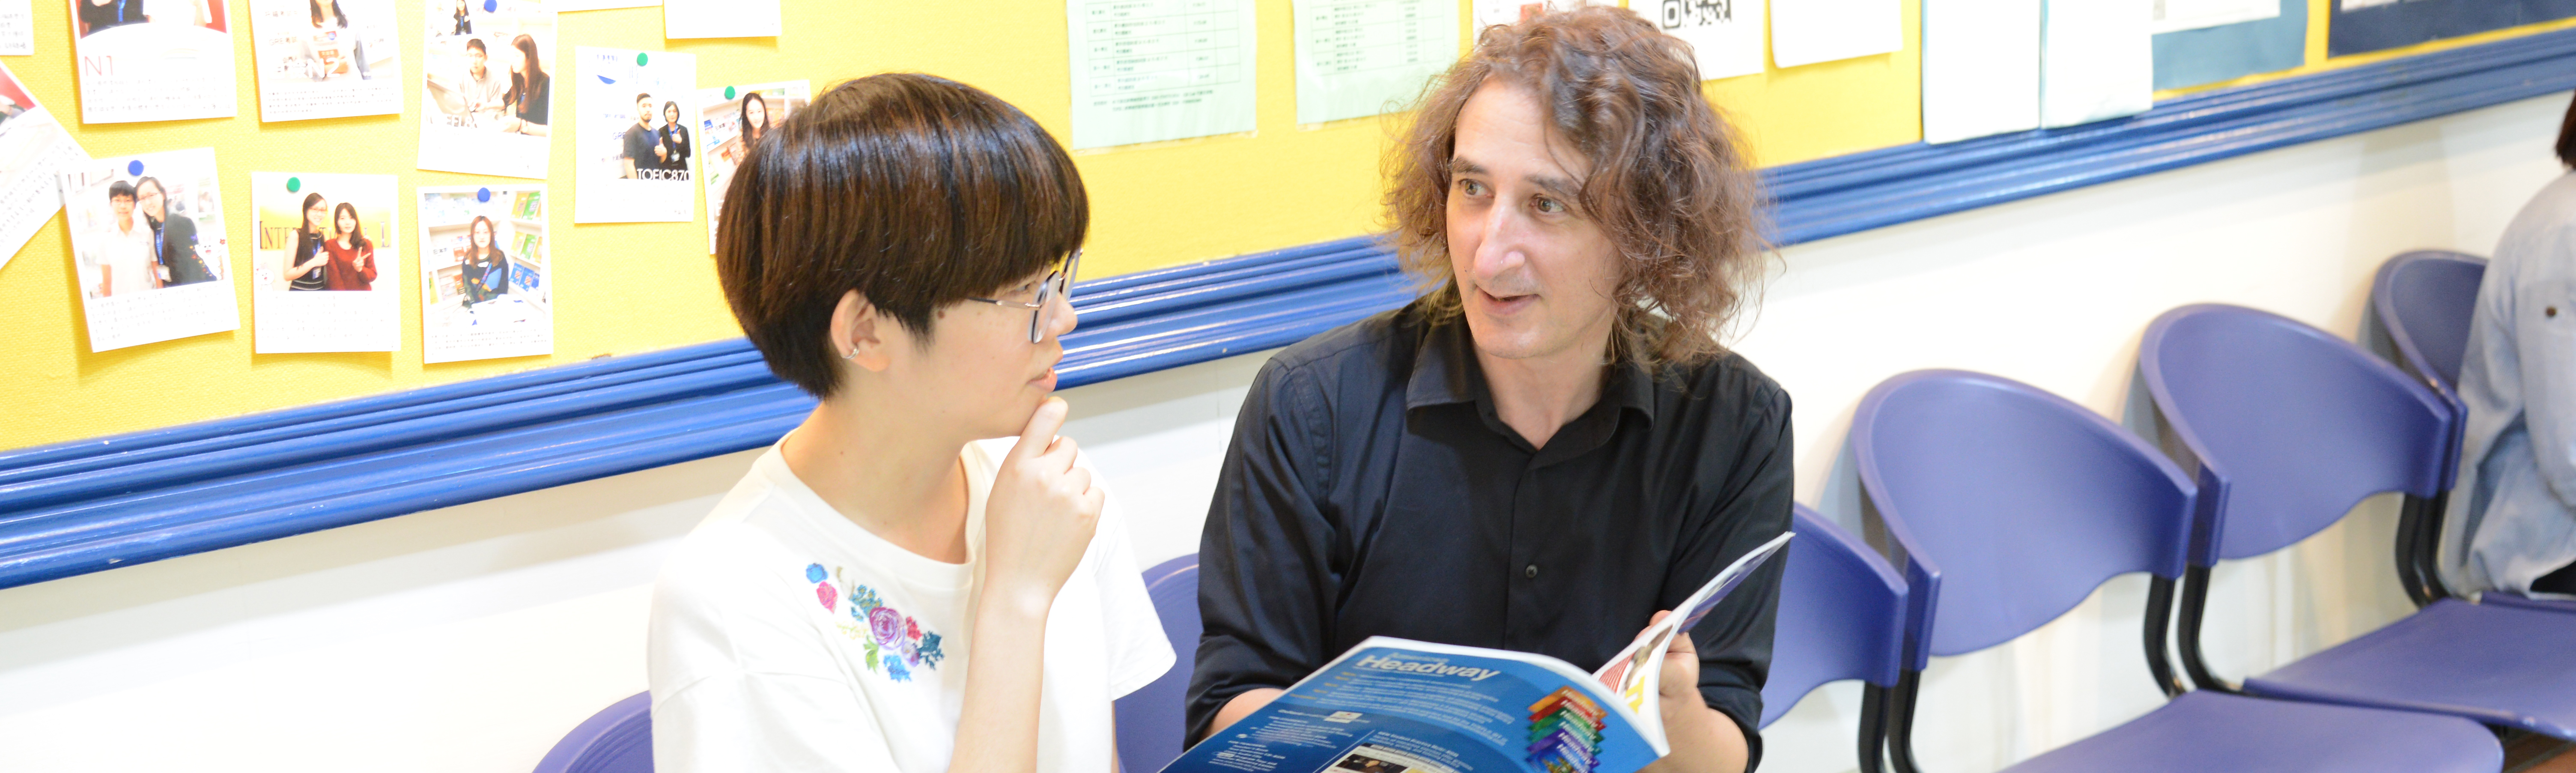 黃同學與雅思口說外師交談互動